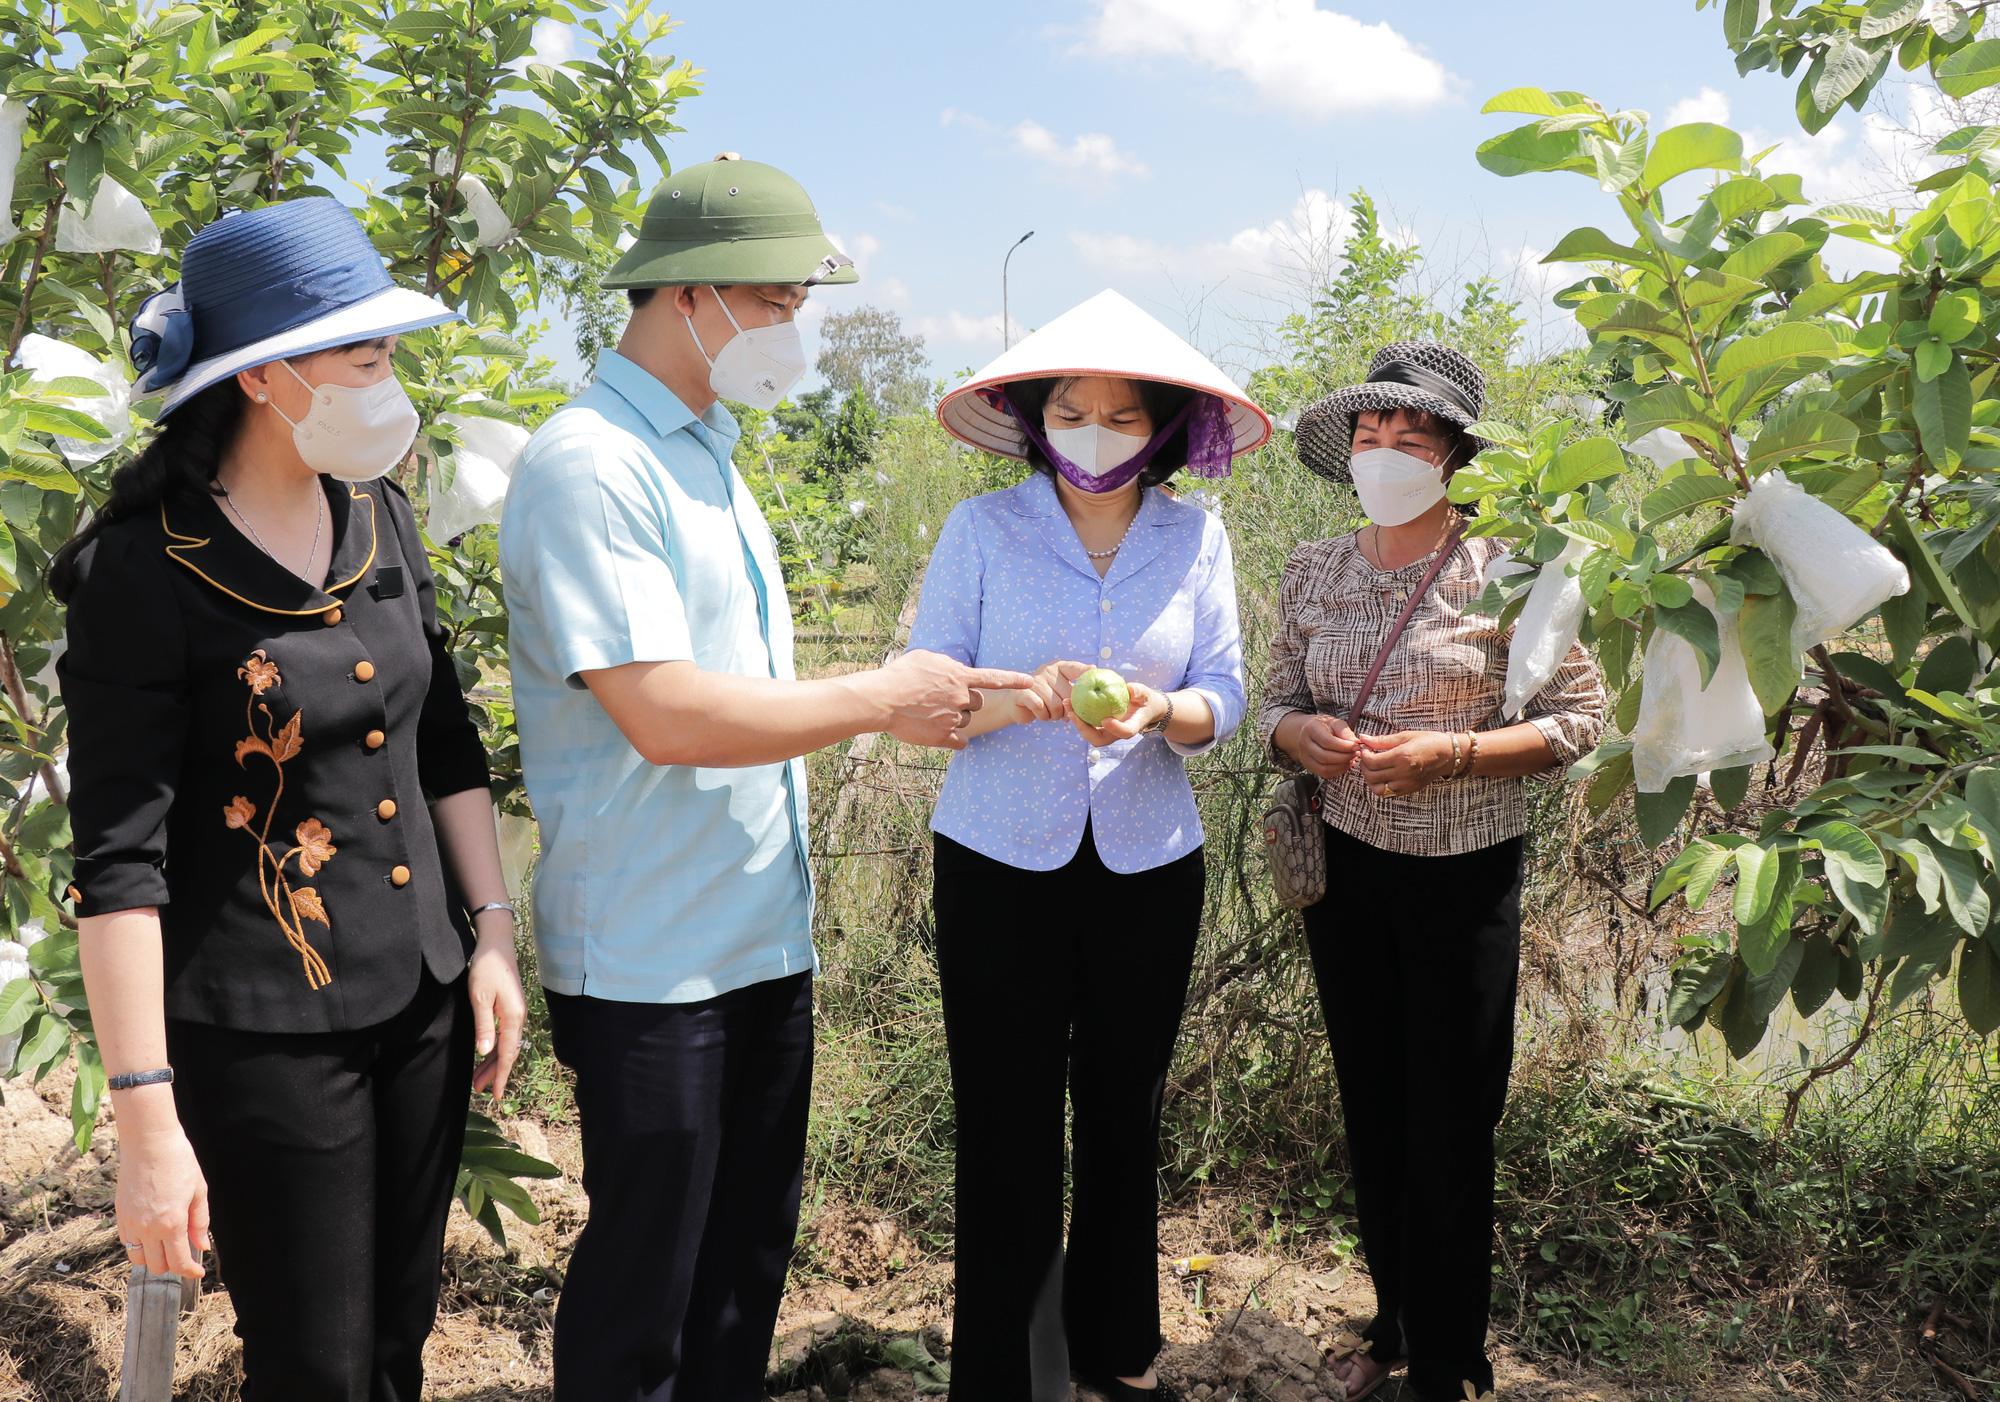 Bắc Ninh: Sẽ có nhiều chính sách hỗ trợ phát triển nông nghiệp, cao nhất là 5 tỷ đồng/dự án - Ảnh 2.